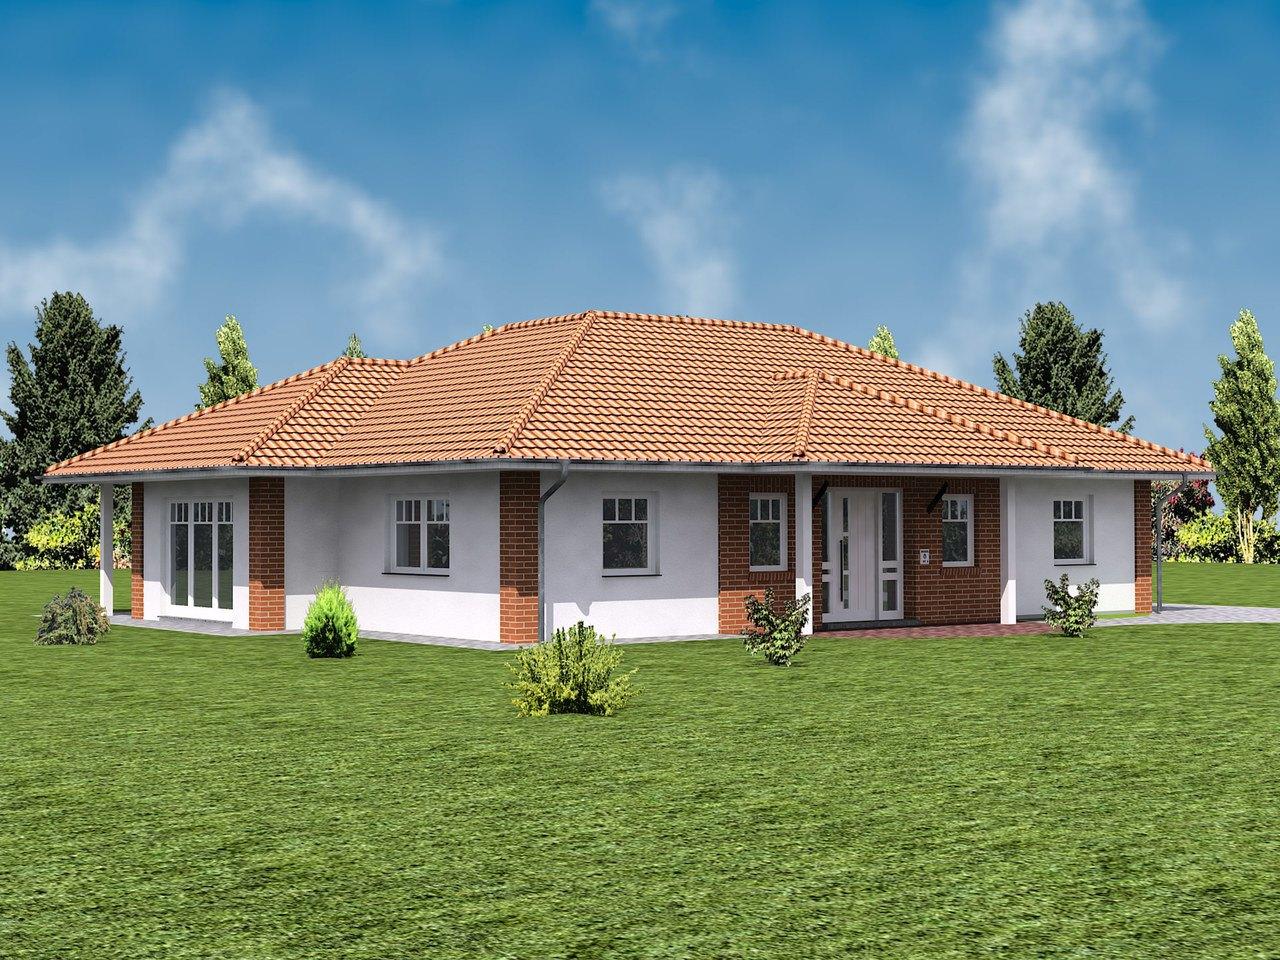 Haus Segeberg Ansicht 1 - IBIS Haus